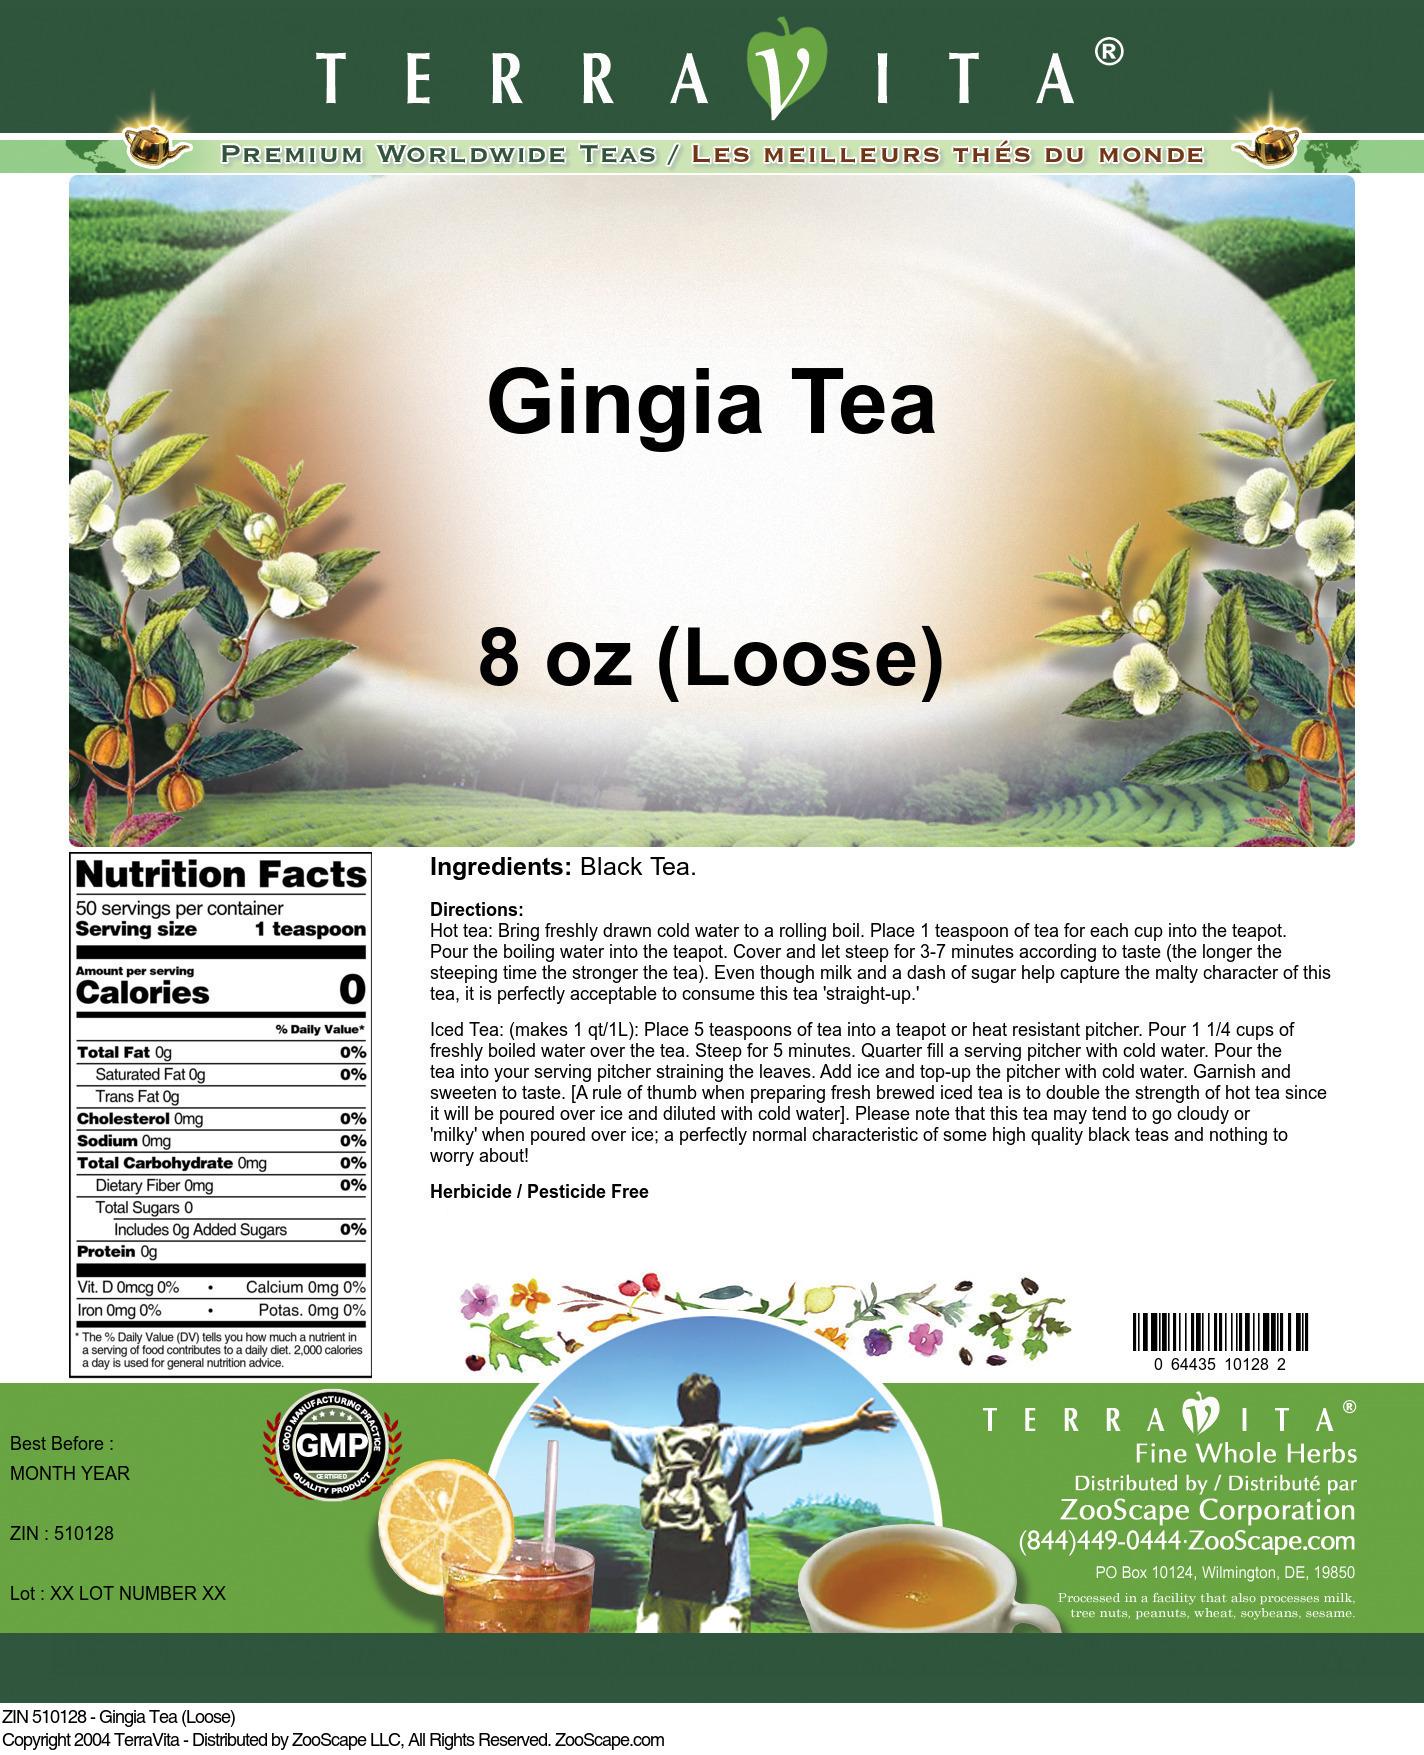 Gingia Tea (Loose)